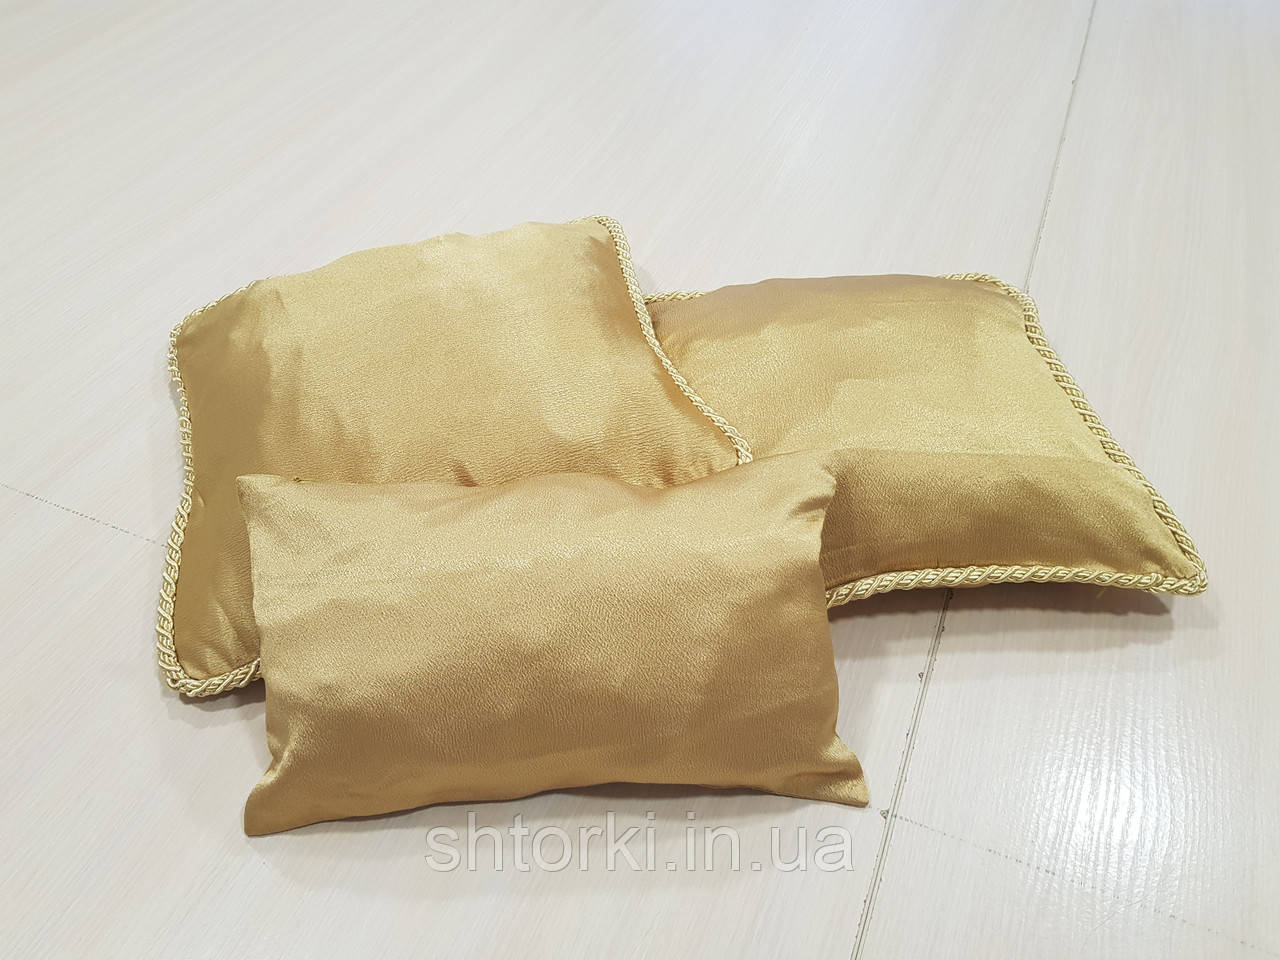 Комплект подушек 3шт  и валик беж золото с шнуром